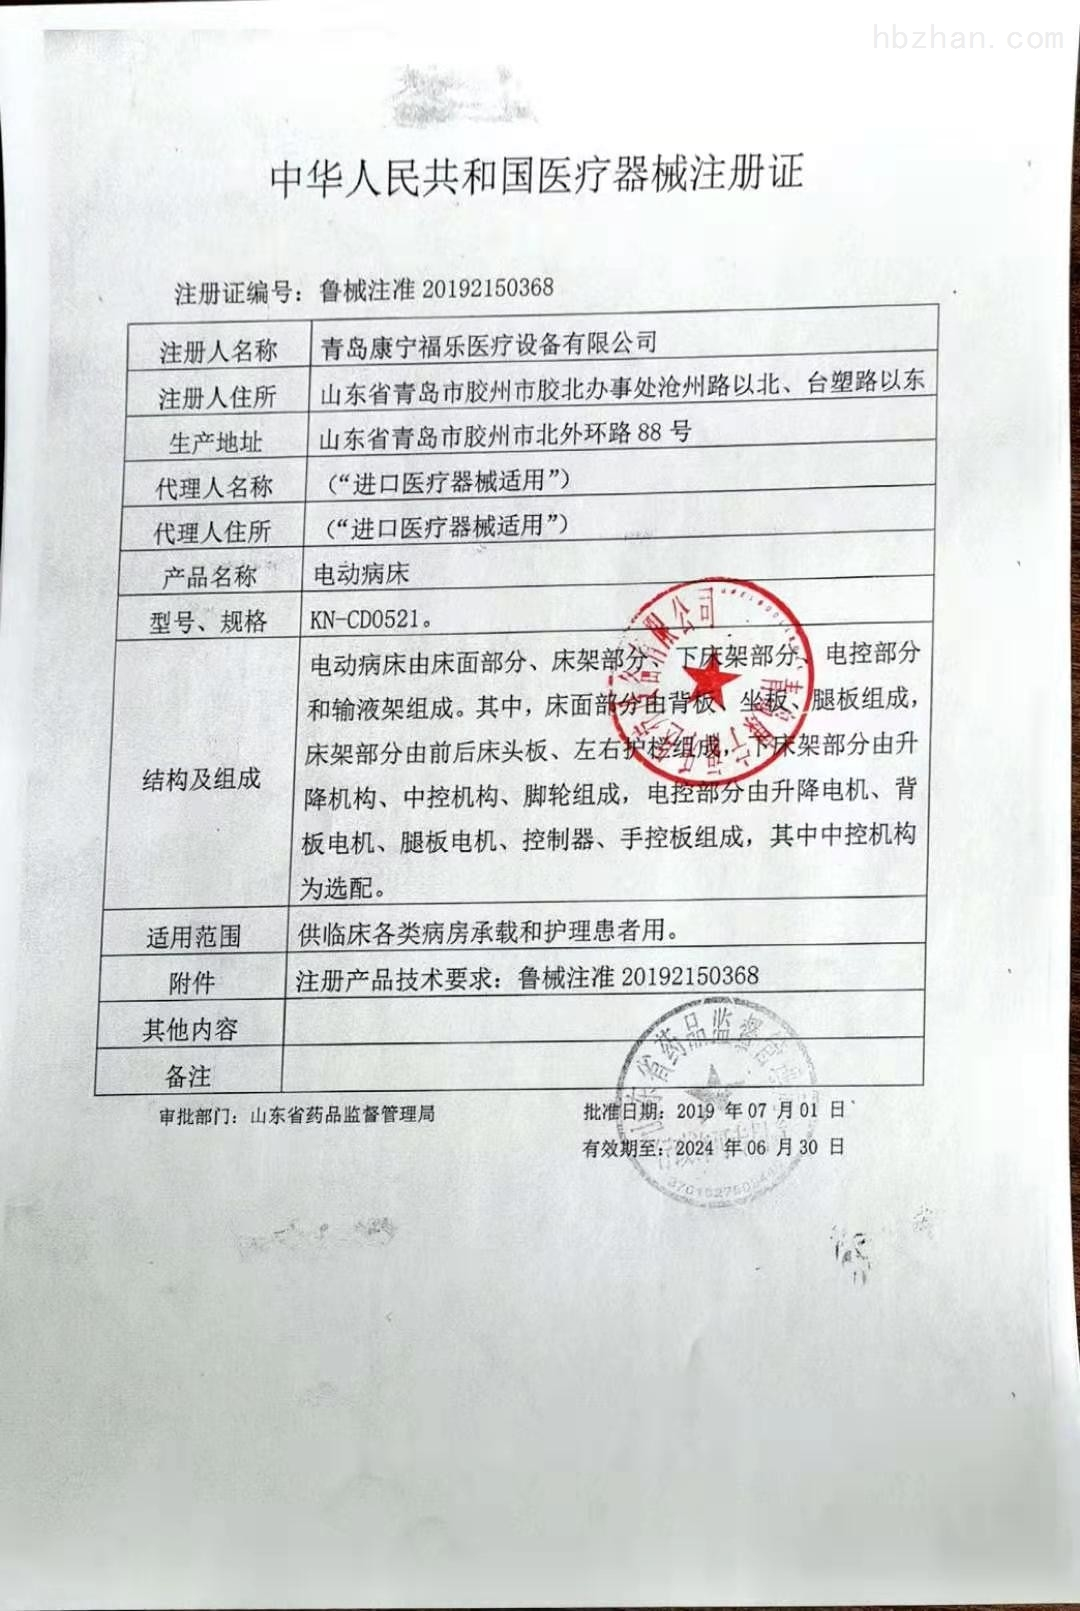 康宁福乐注册证.jpg